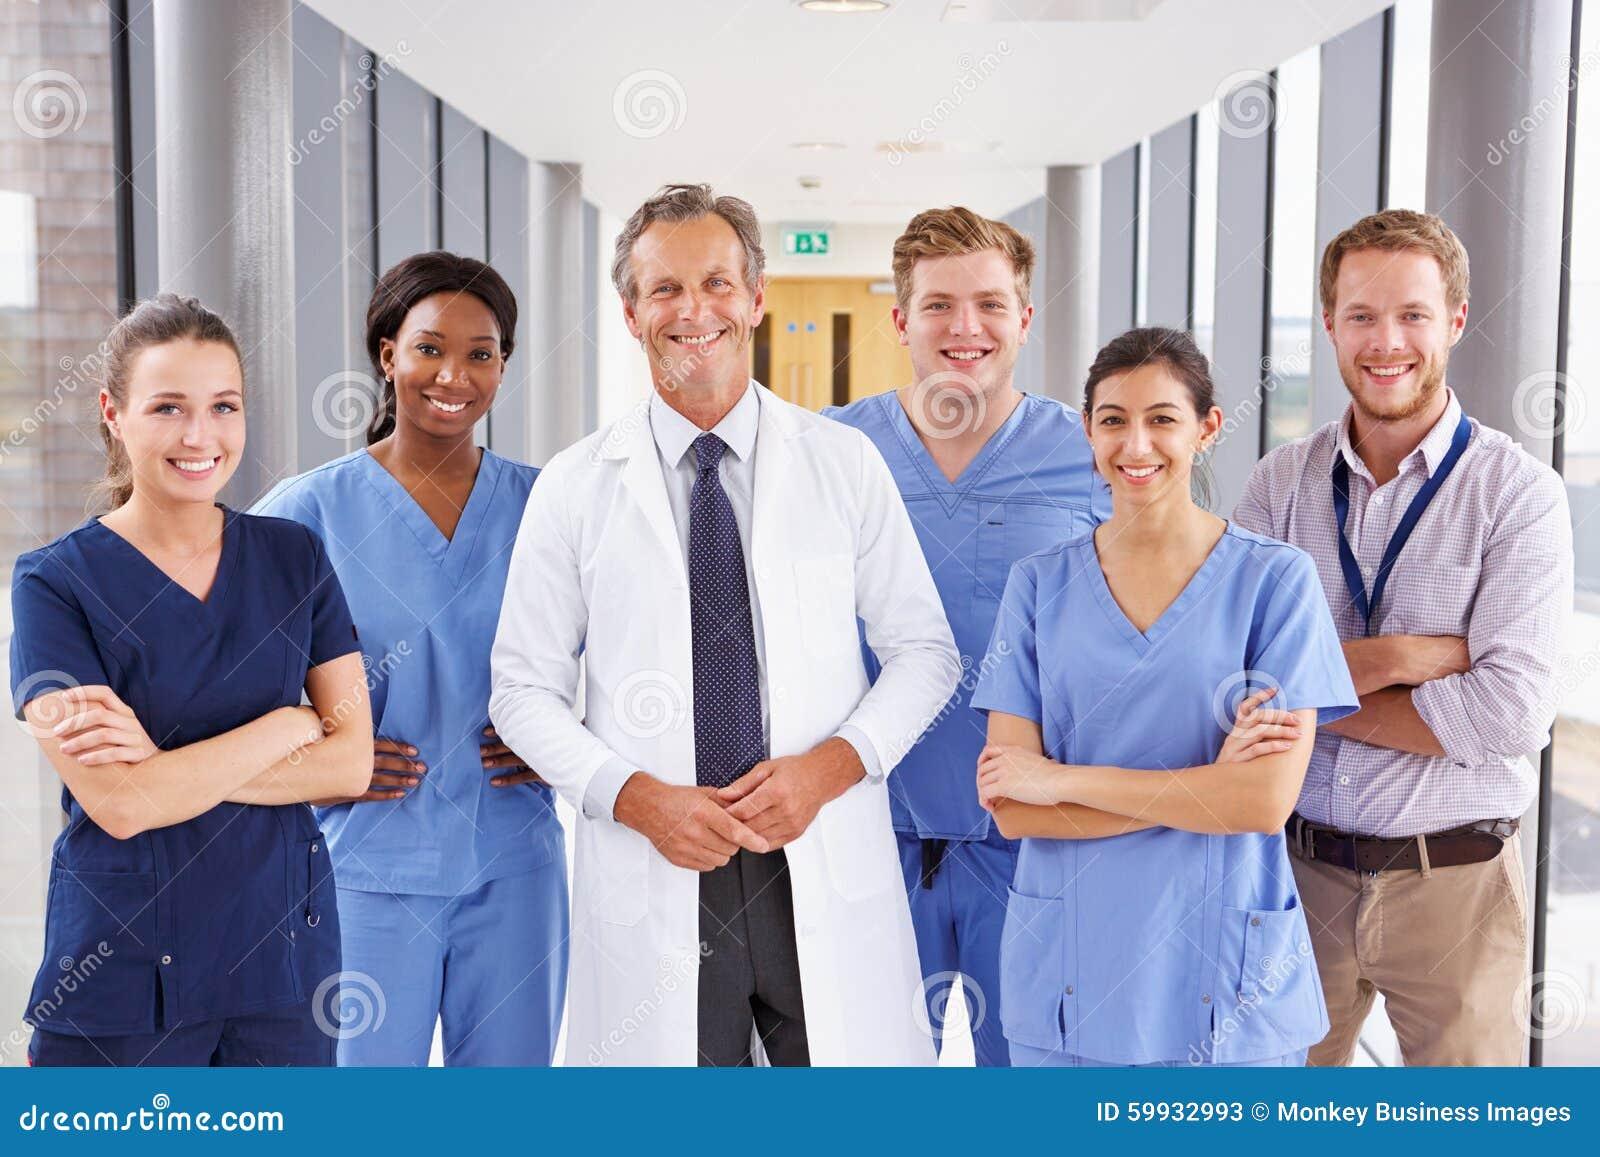 Portrait de Team Standing In Hospital Corridor médical